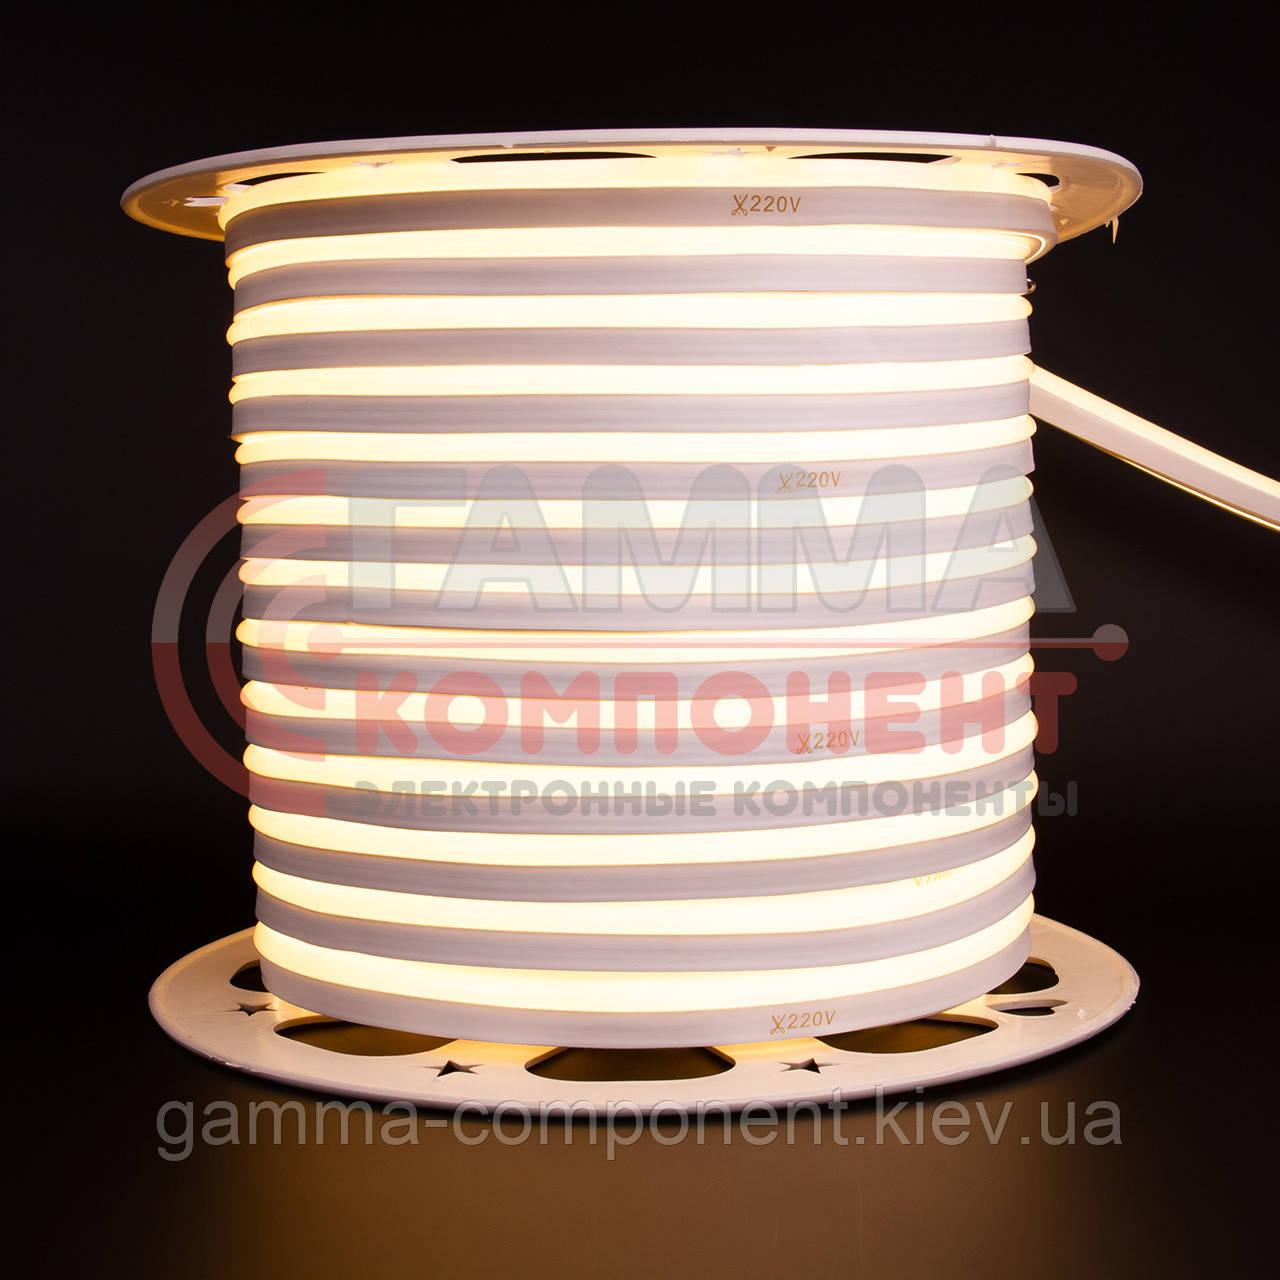 Светодиодный неон 220В белый теплый AVT smd 2835-120 лед/м 7Вт/м, герметичный